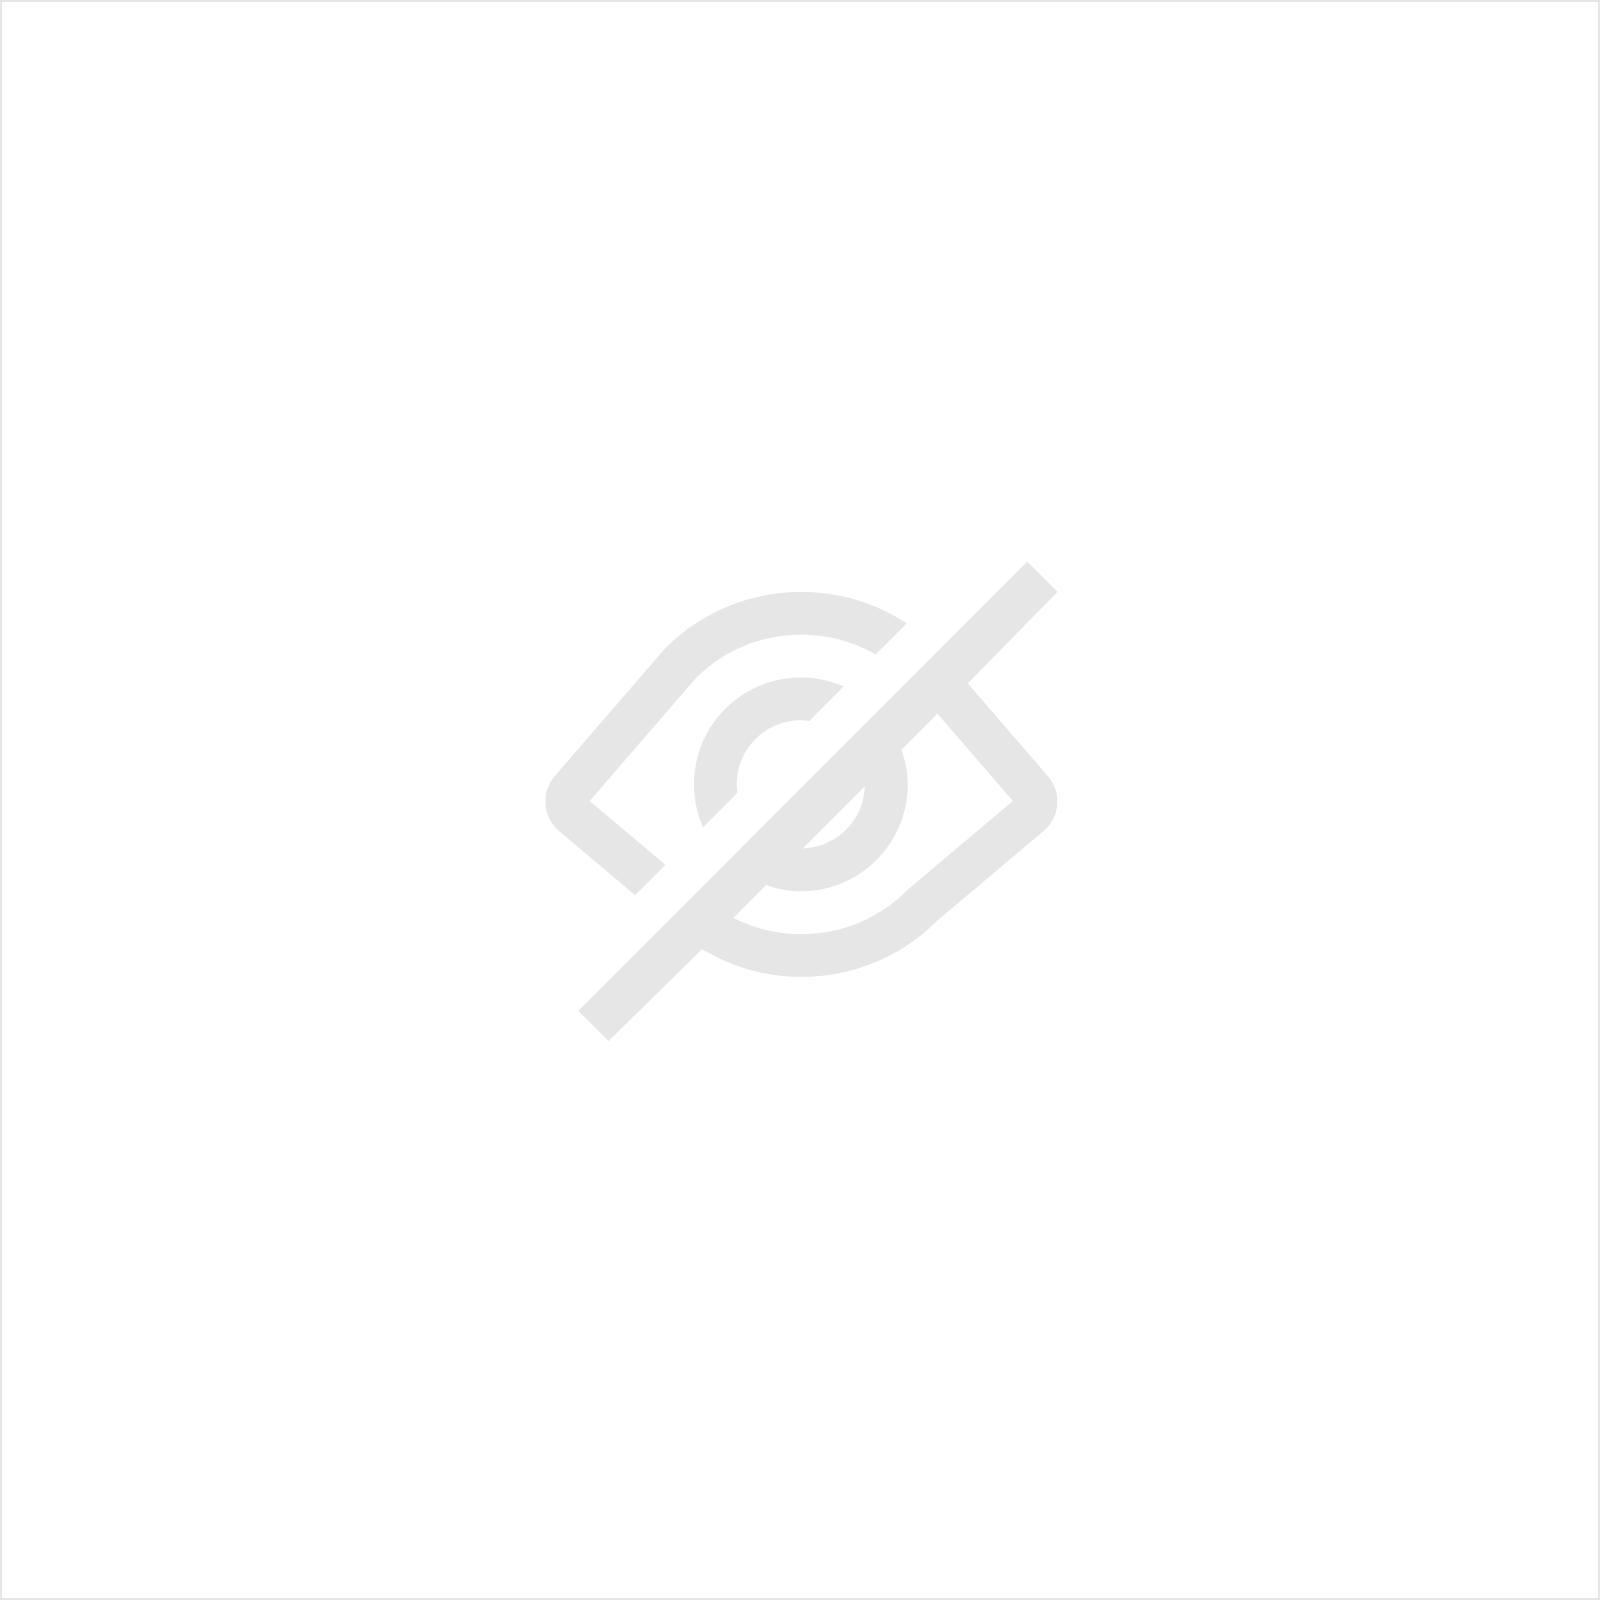 OPTIONEEL OGEE BEAD ROLL SET VOOR BOORD EN LIJSTMACHINE